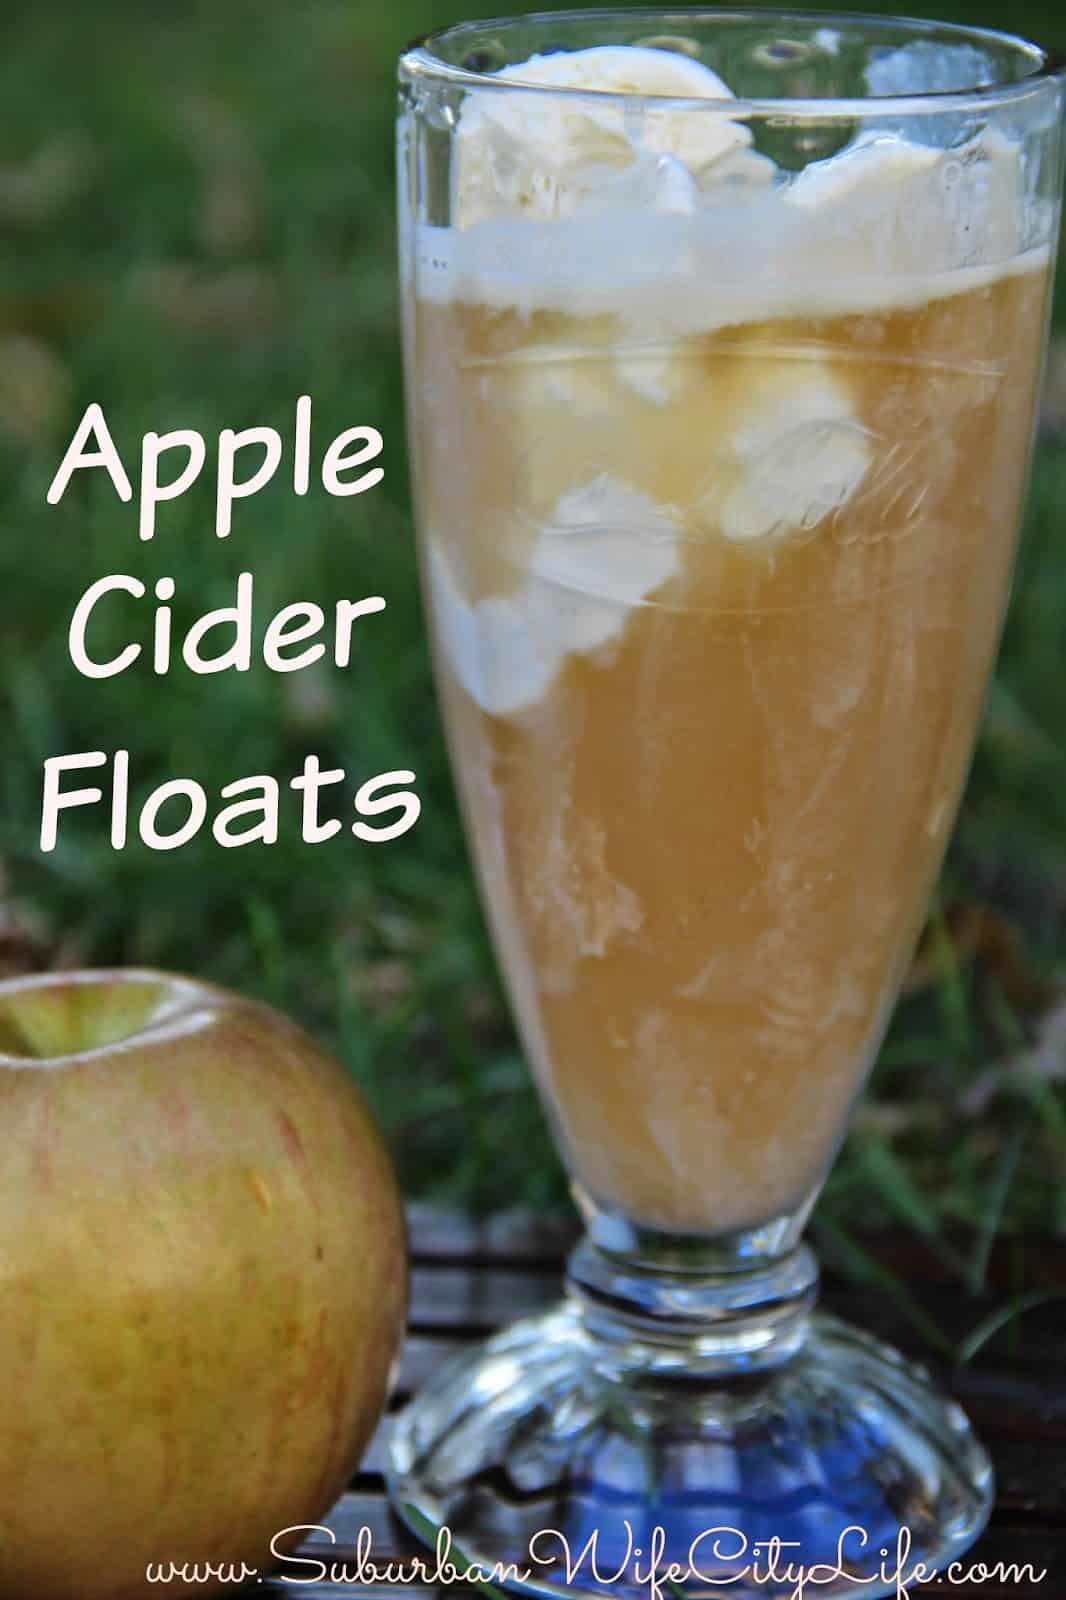 Apple cider Floats